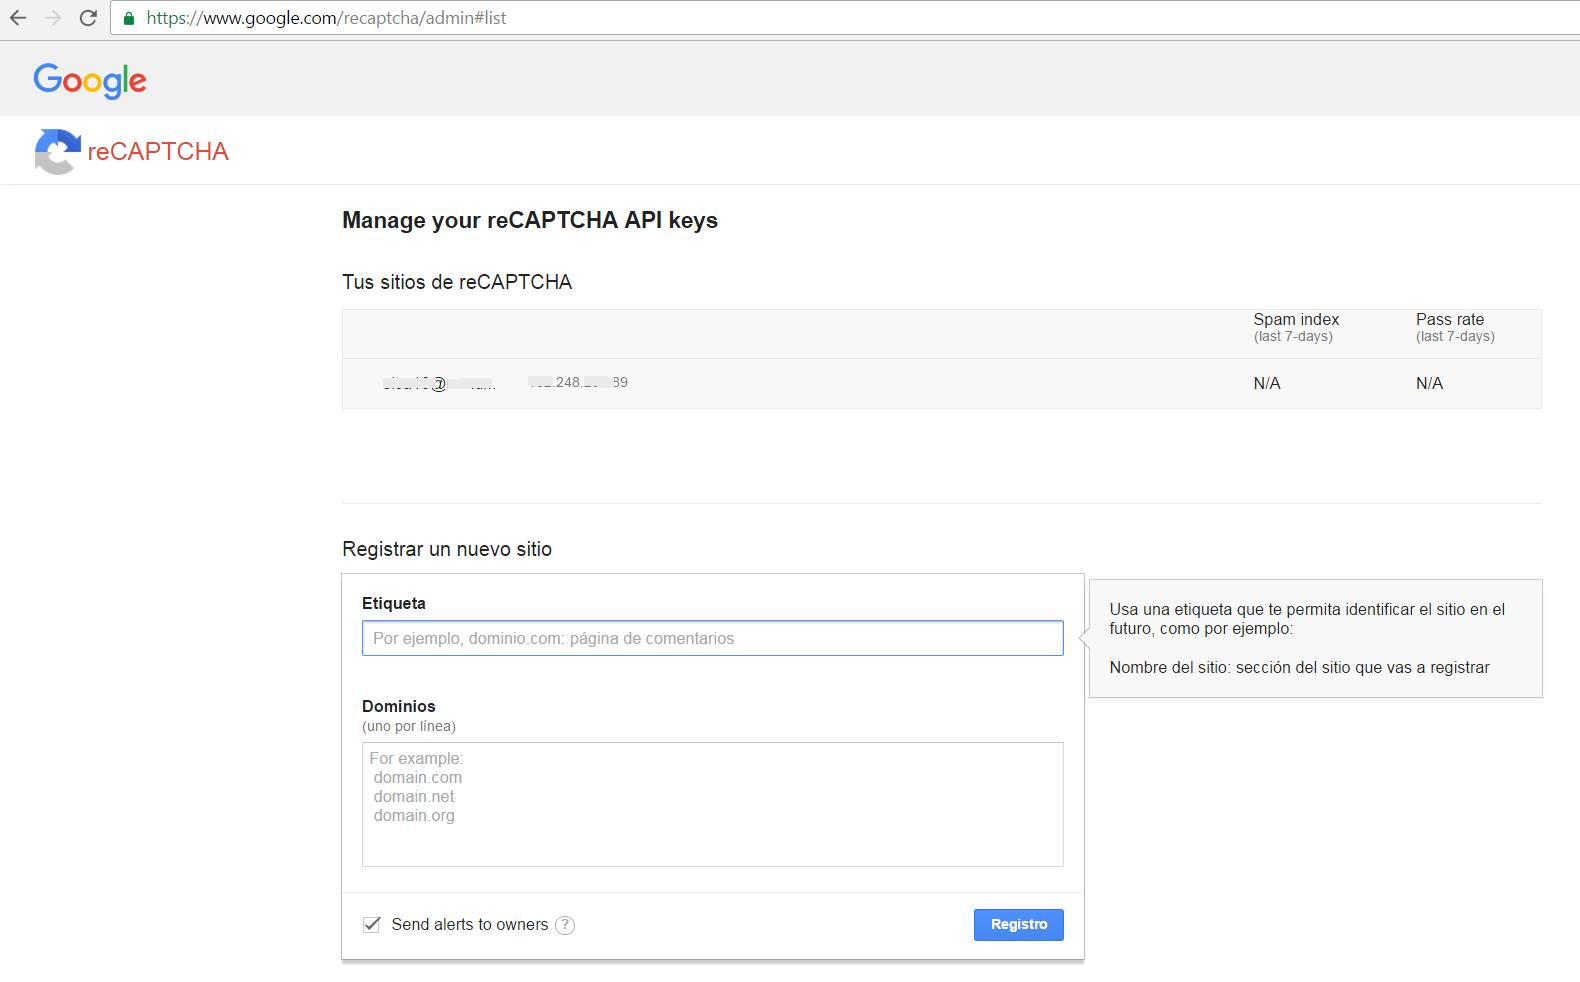 Solución al Recaptcha error: Invalid domain for site key